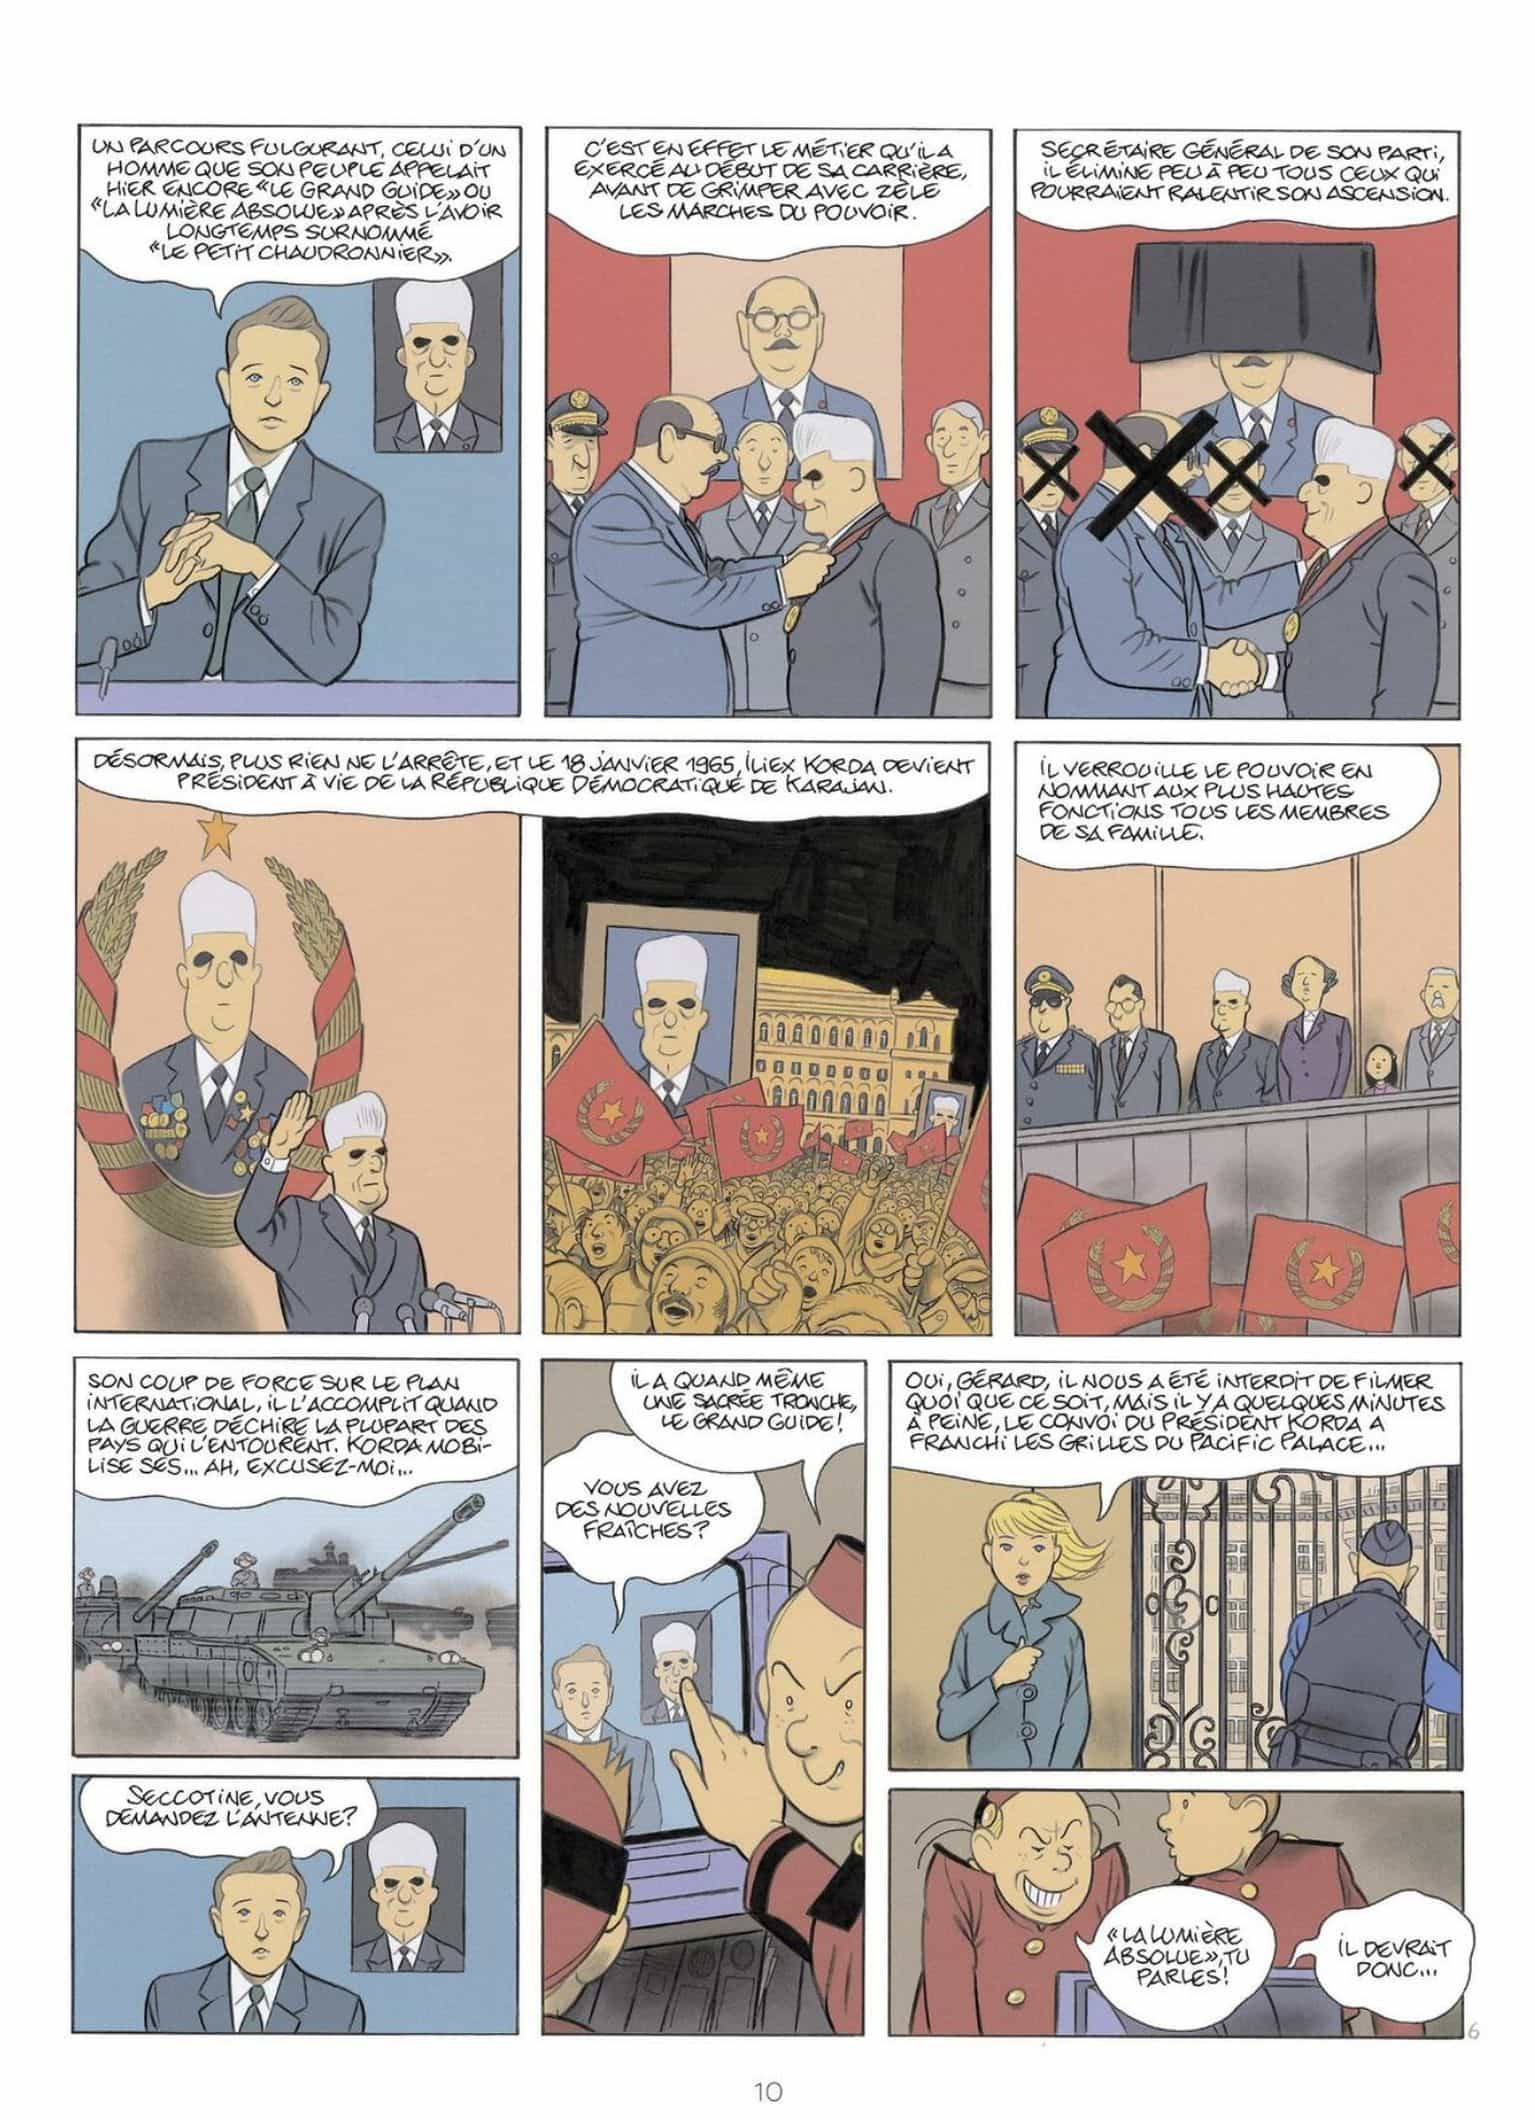 Le parcours d'un despote (planche 6 - Dupuis 2021).